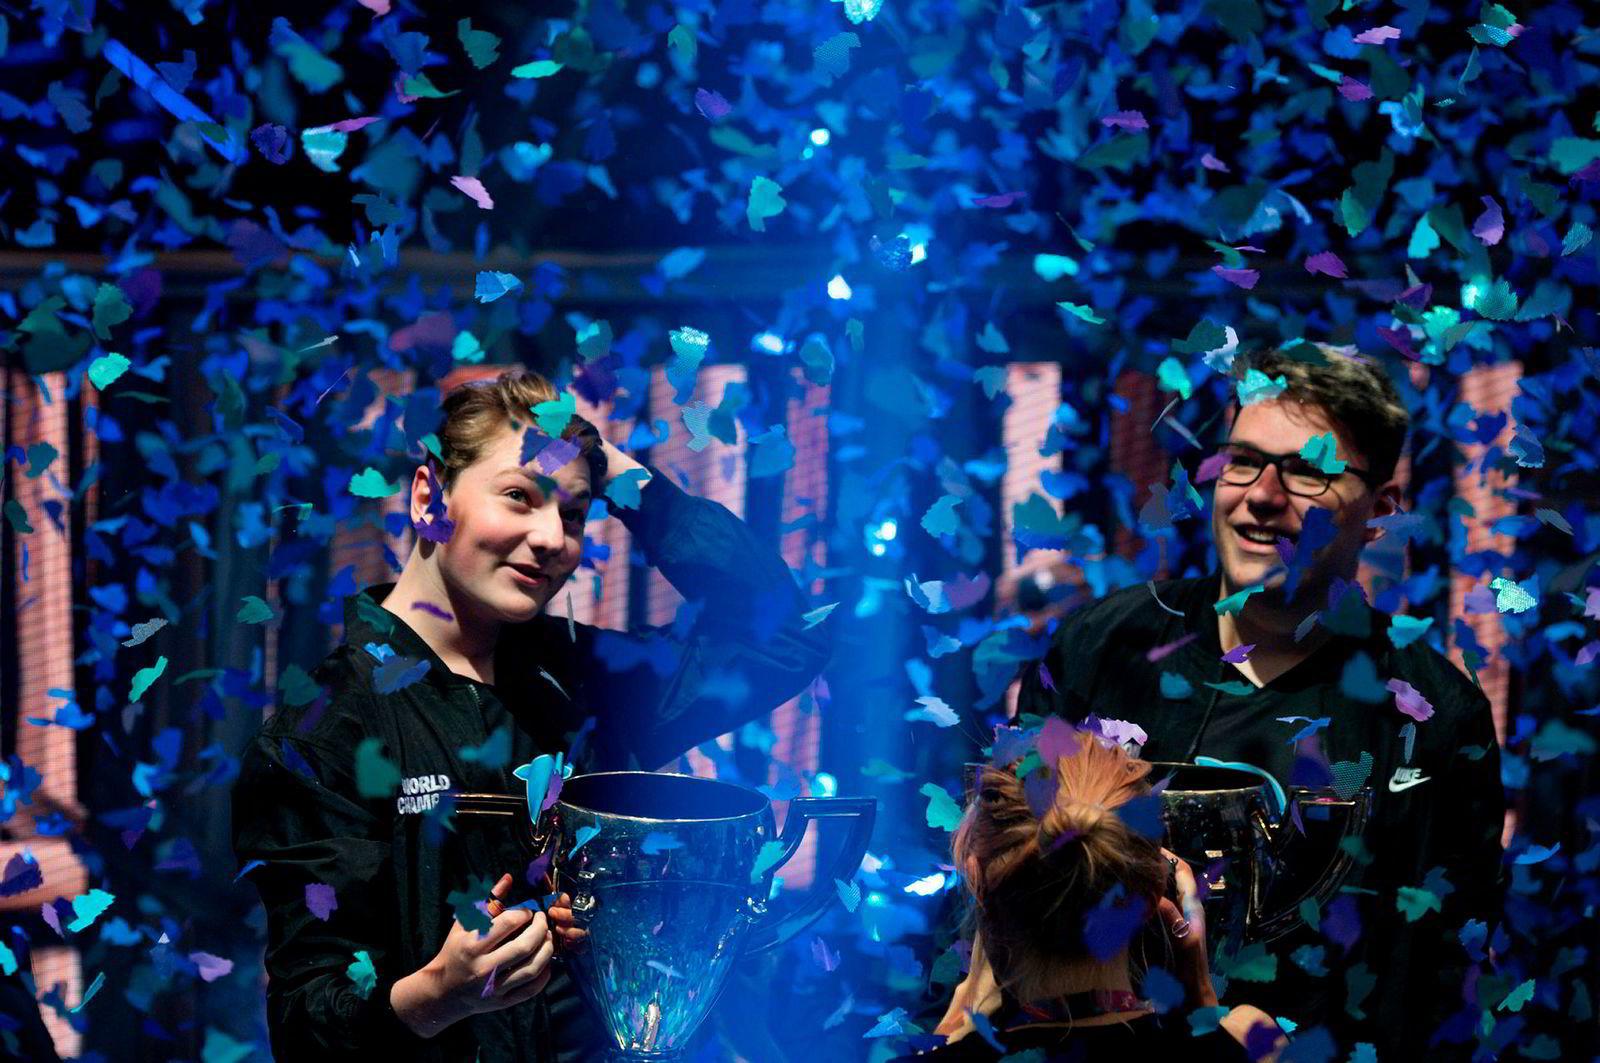 Norske Emil «Nyhrox» Bergquist Pedersen (til venstre) og Thomas «Aqua» Arnould etter at de vant gull i VM i Fortnite, i New York lørdag 27. juli.